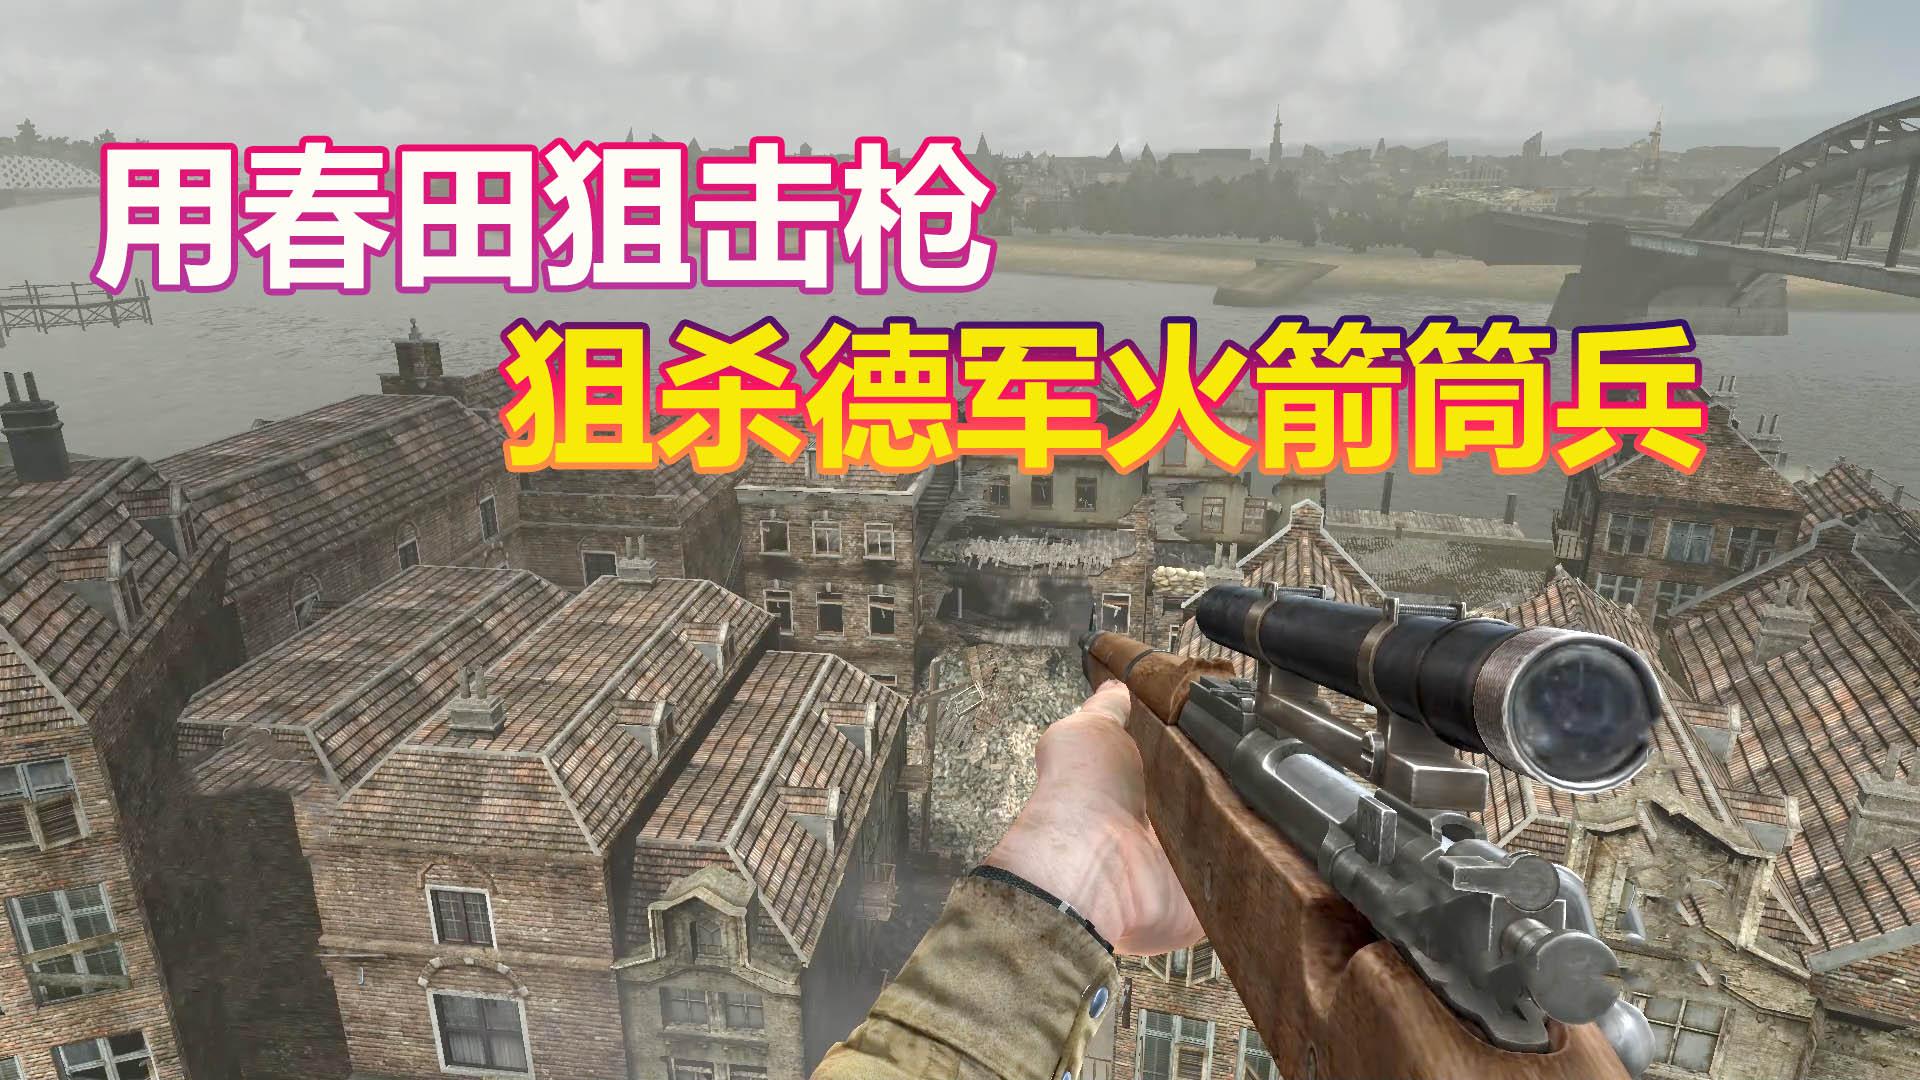 荣誉勋章之空降神兵:用春田狙击枪,逐个歼灭德军火箭筒兵